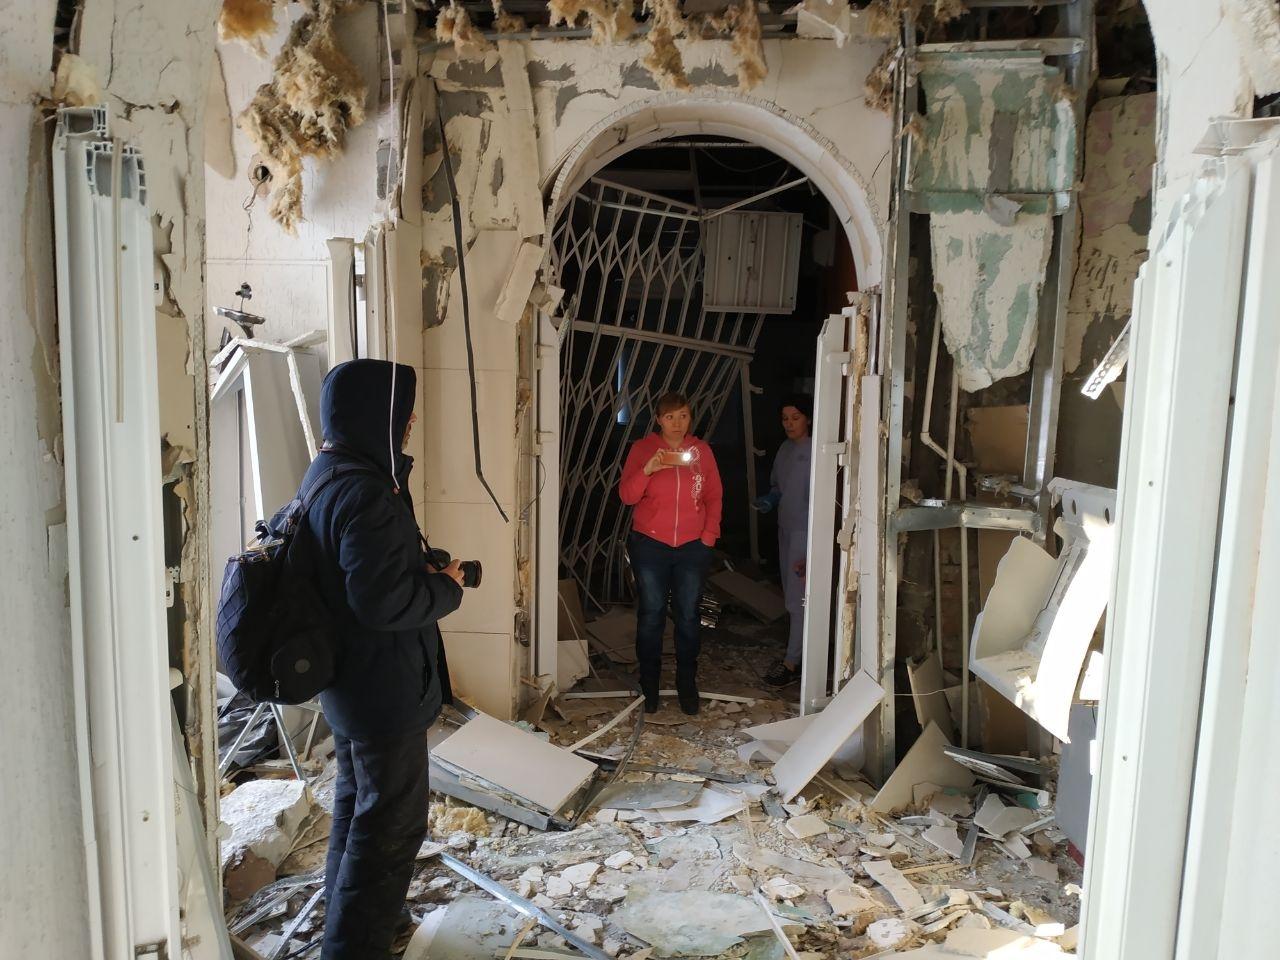 Сейчас сотрудники банка оценивают ущерб, нанесённый взрывом